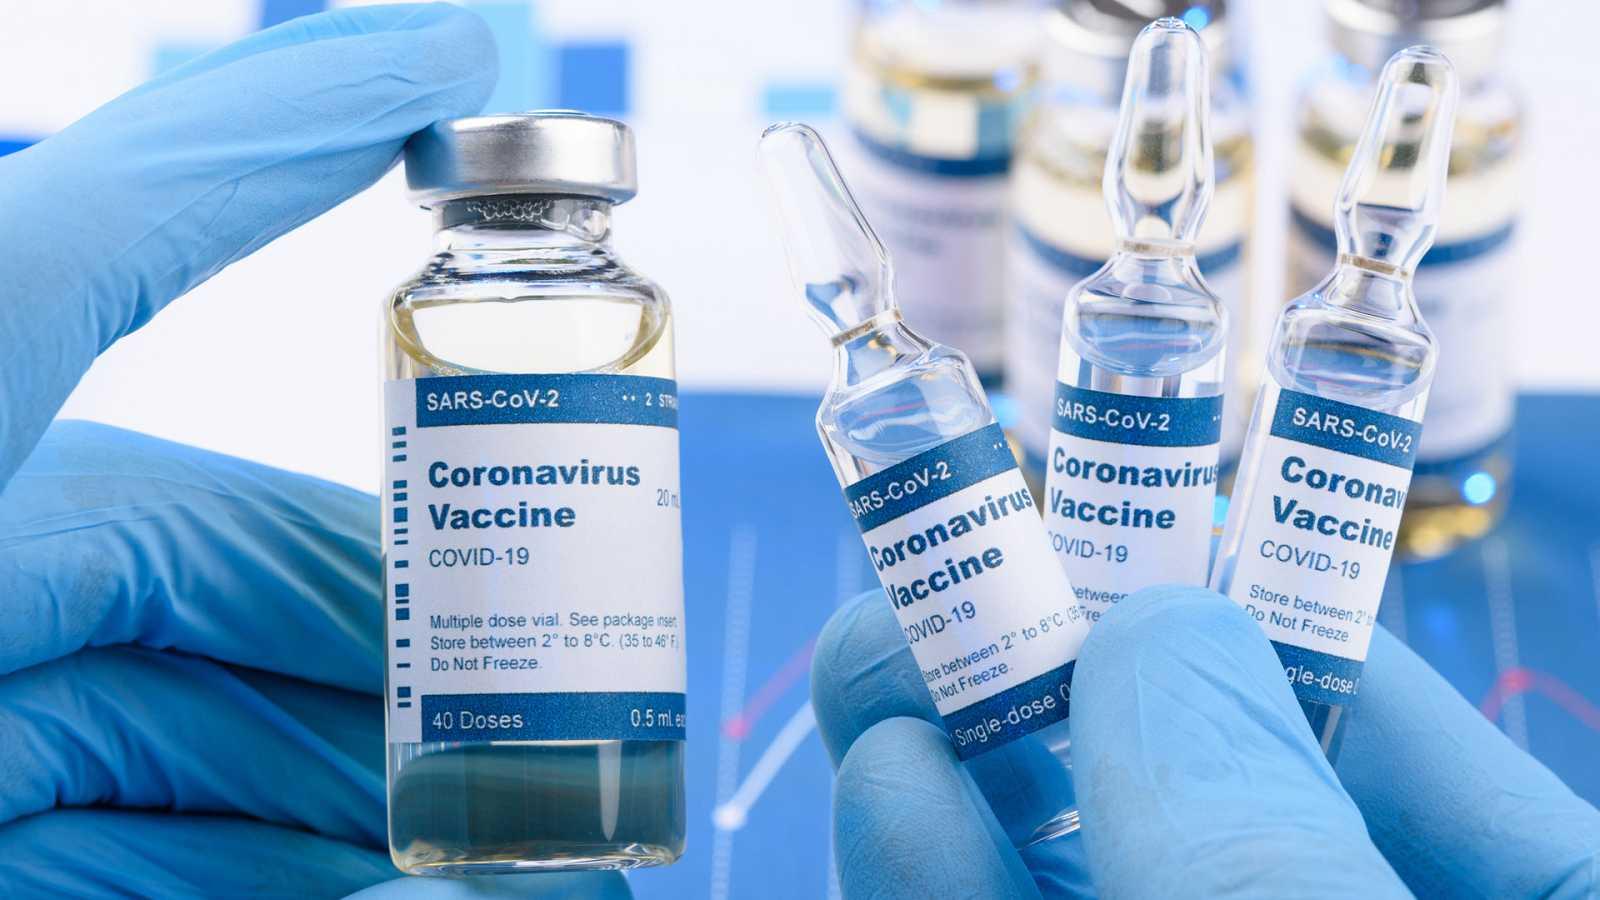 Marca España - Moderna y Pfizer: diferencias y similitudes entre las dos vacunas - 17/11/20 - escuchar ahora